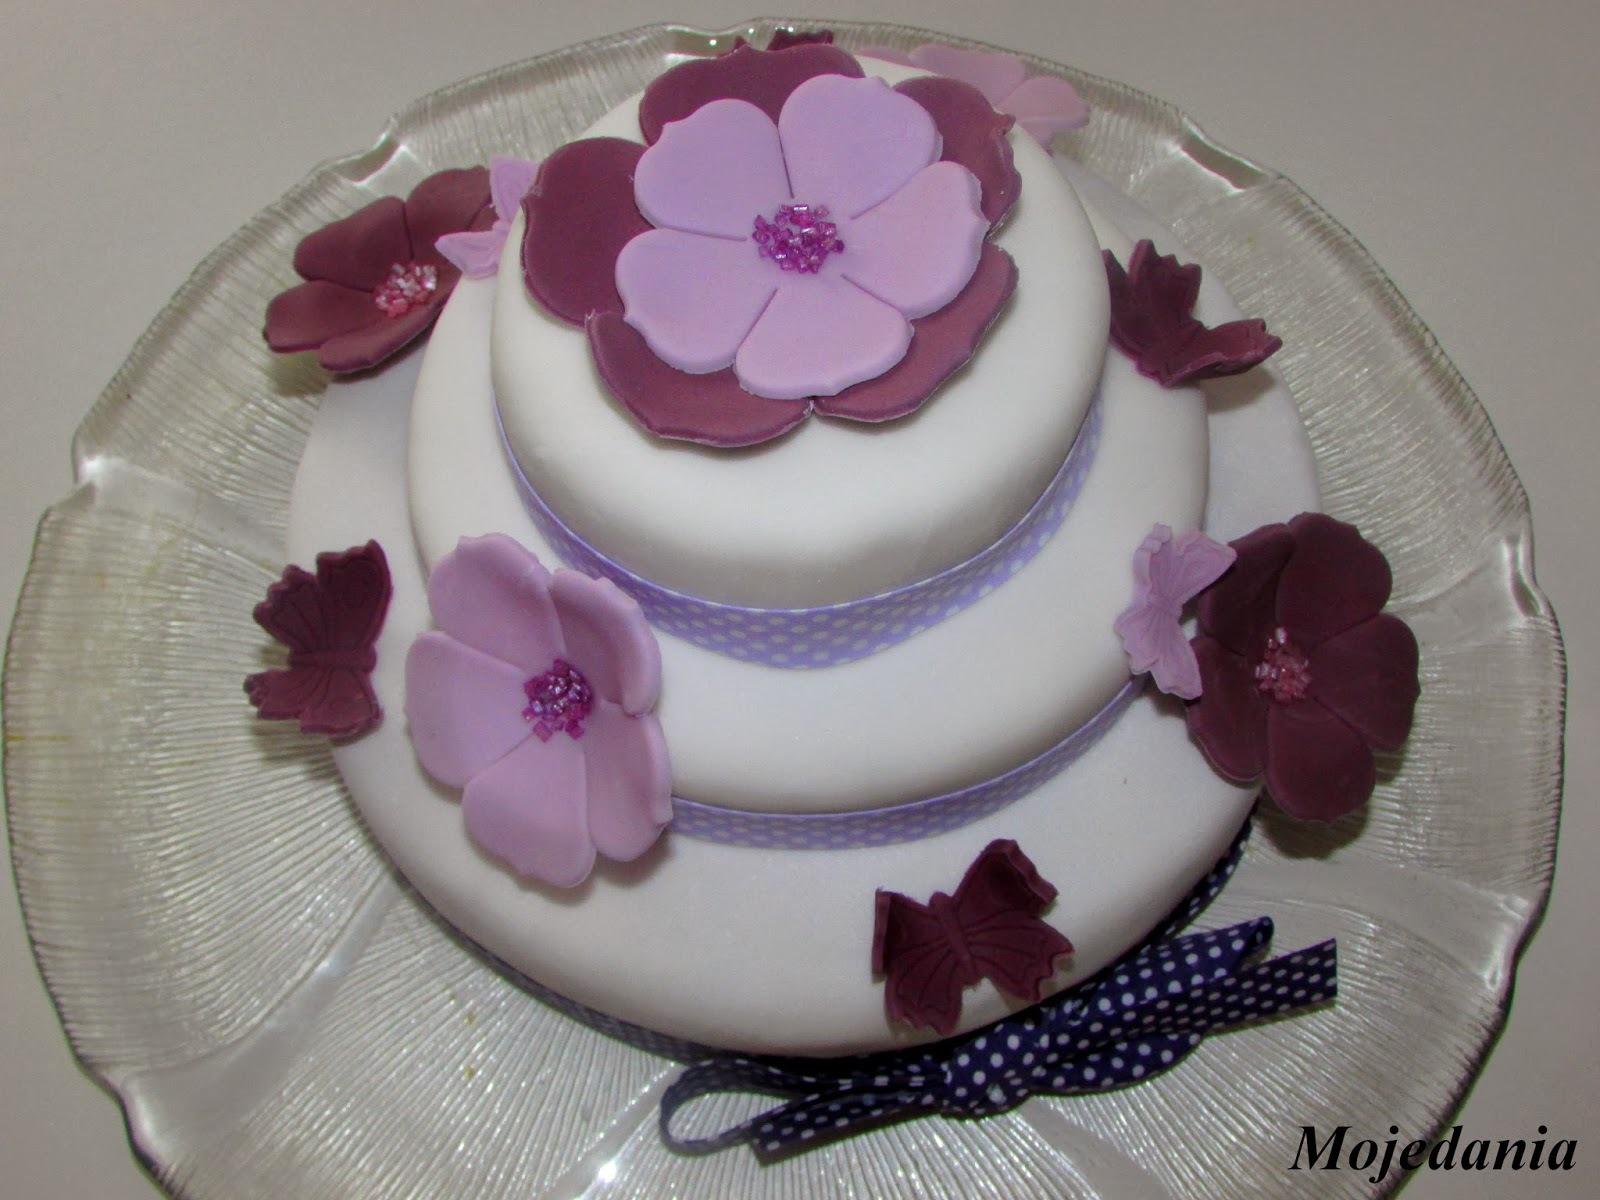 Mon gâteau d'anniversaire, ma première pièce montée et le plaisir de la pâte à sucre.